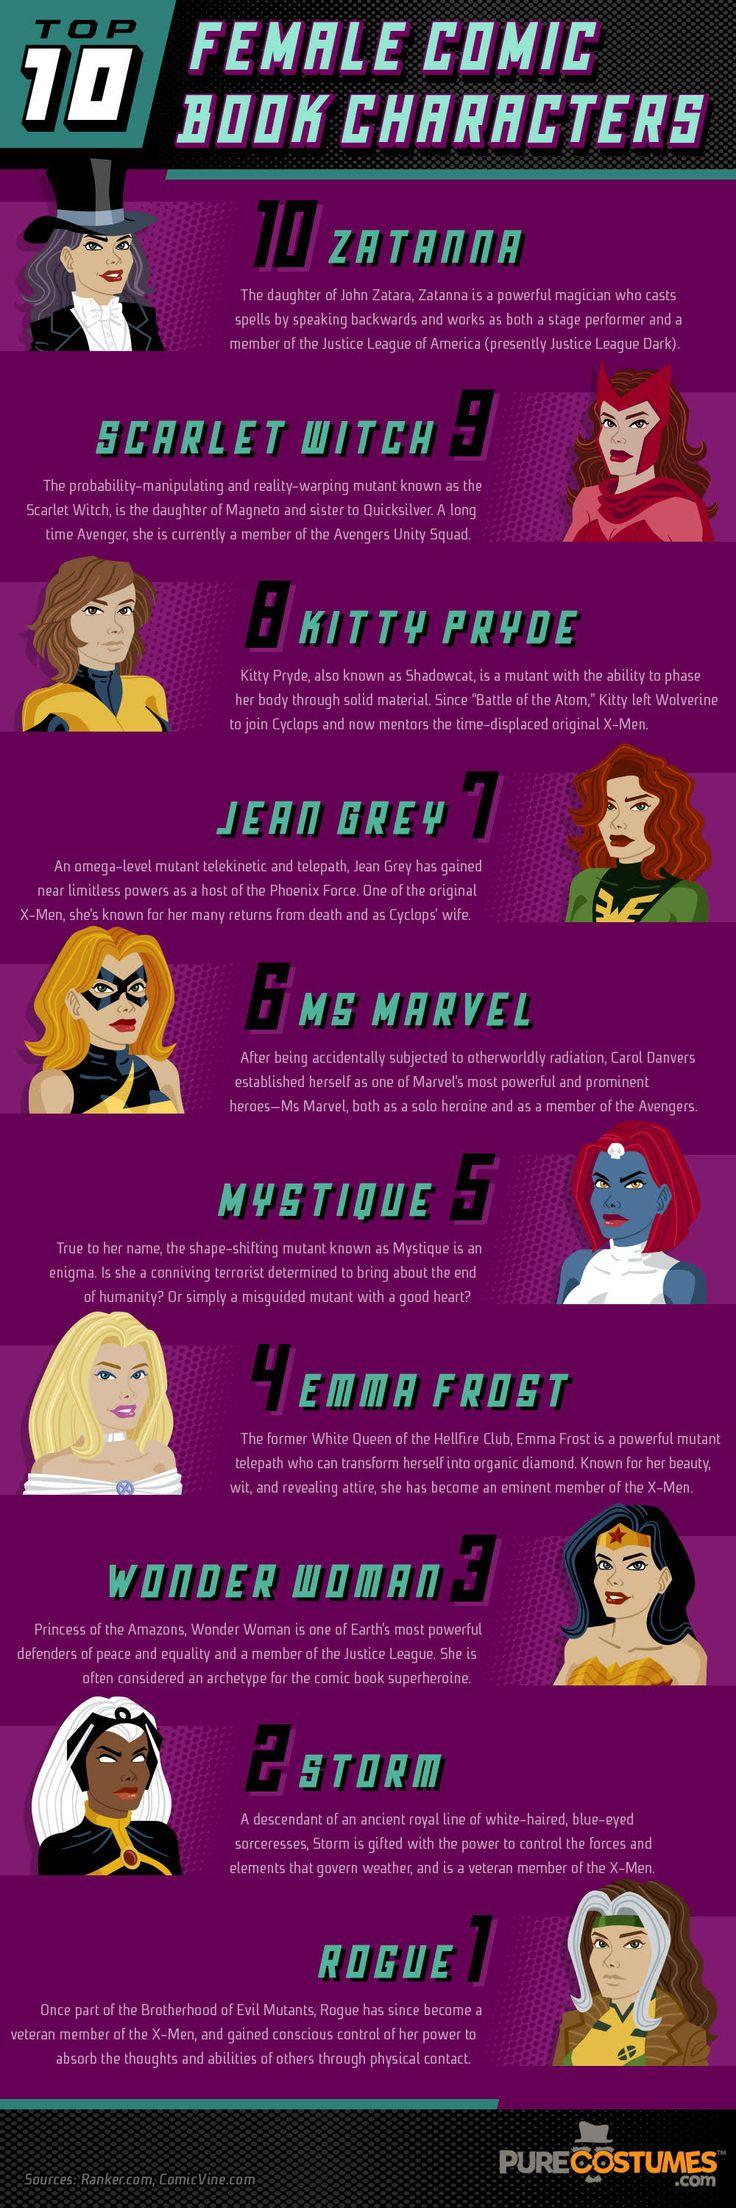 Top 10 Female Superheroes